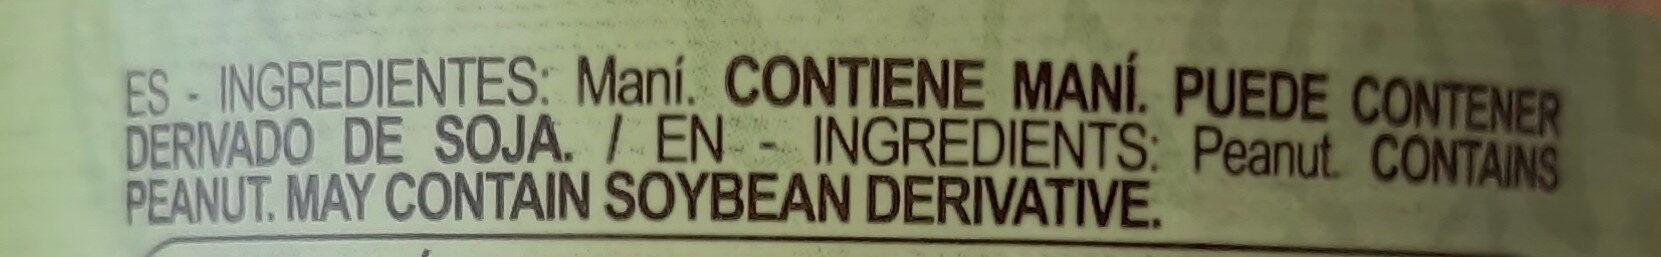 Pasta de maní - Ingredienti - es